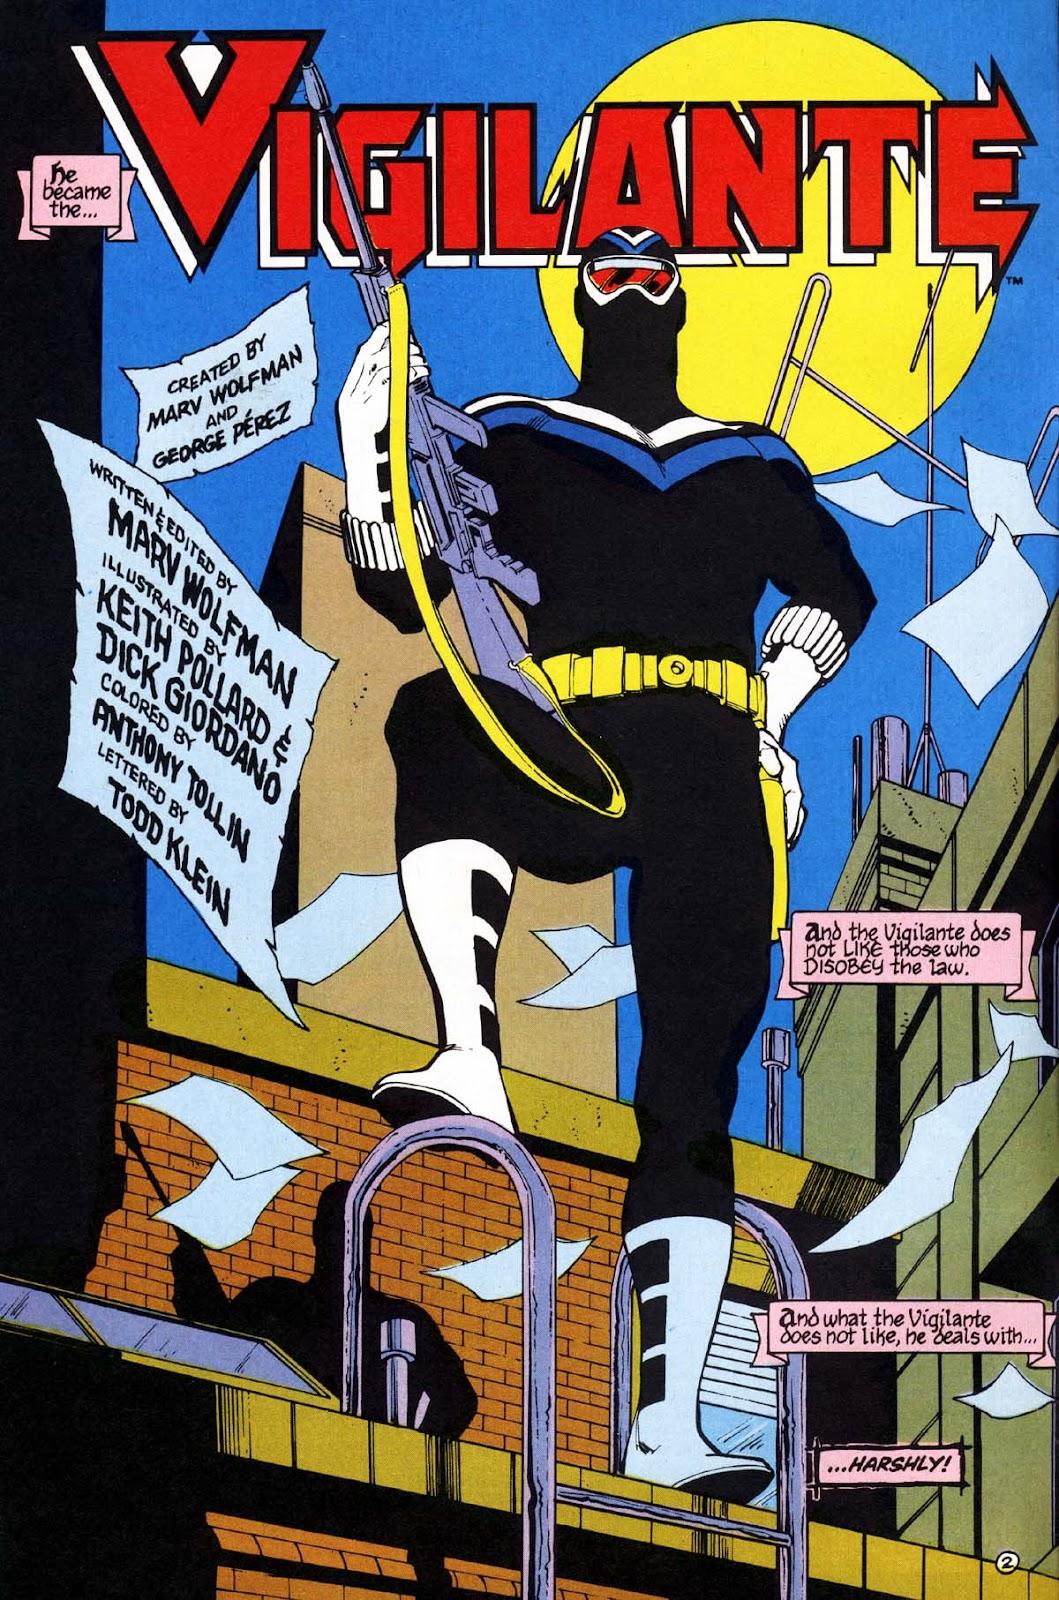 Vigilante (1983) issue 1 - Page 3